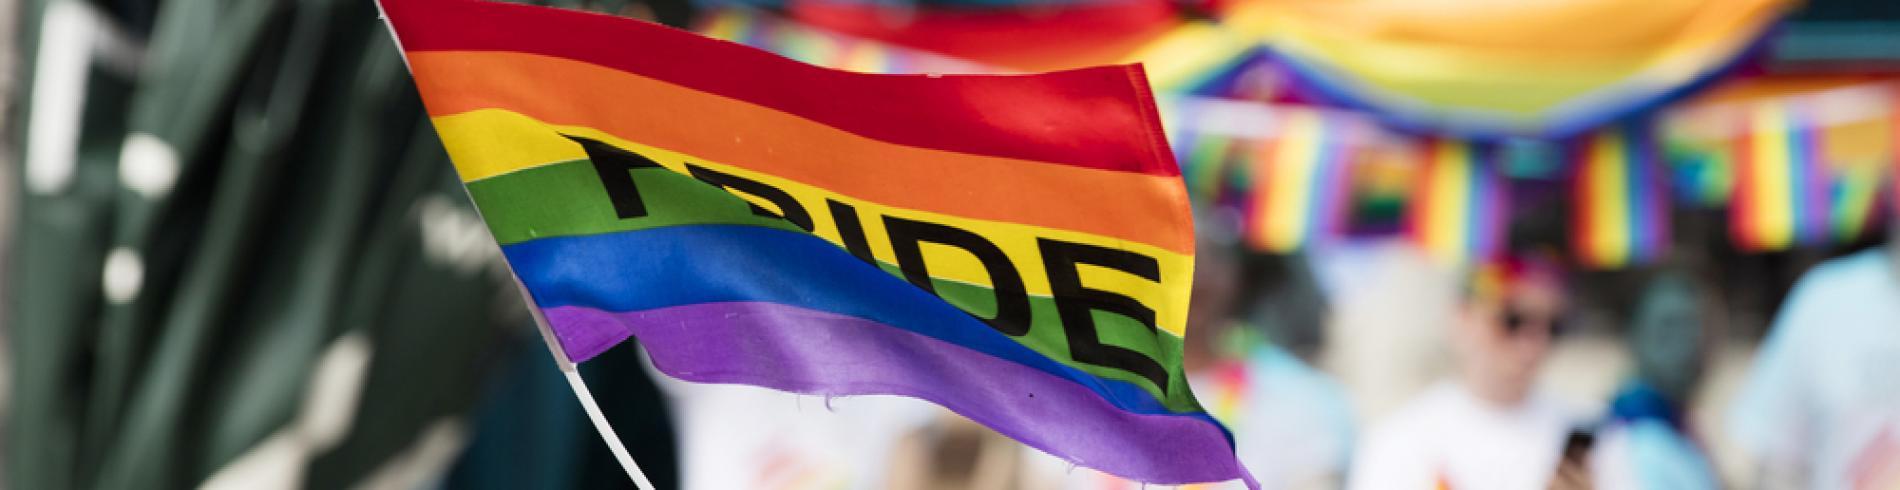 London pride march